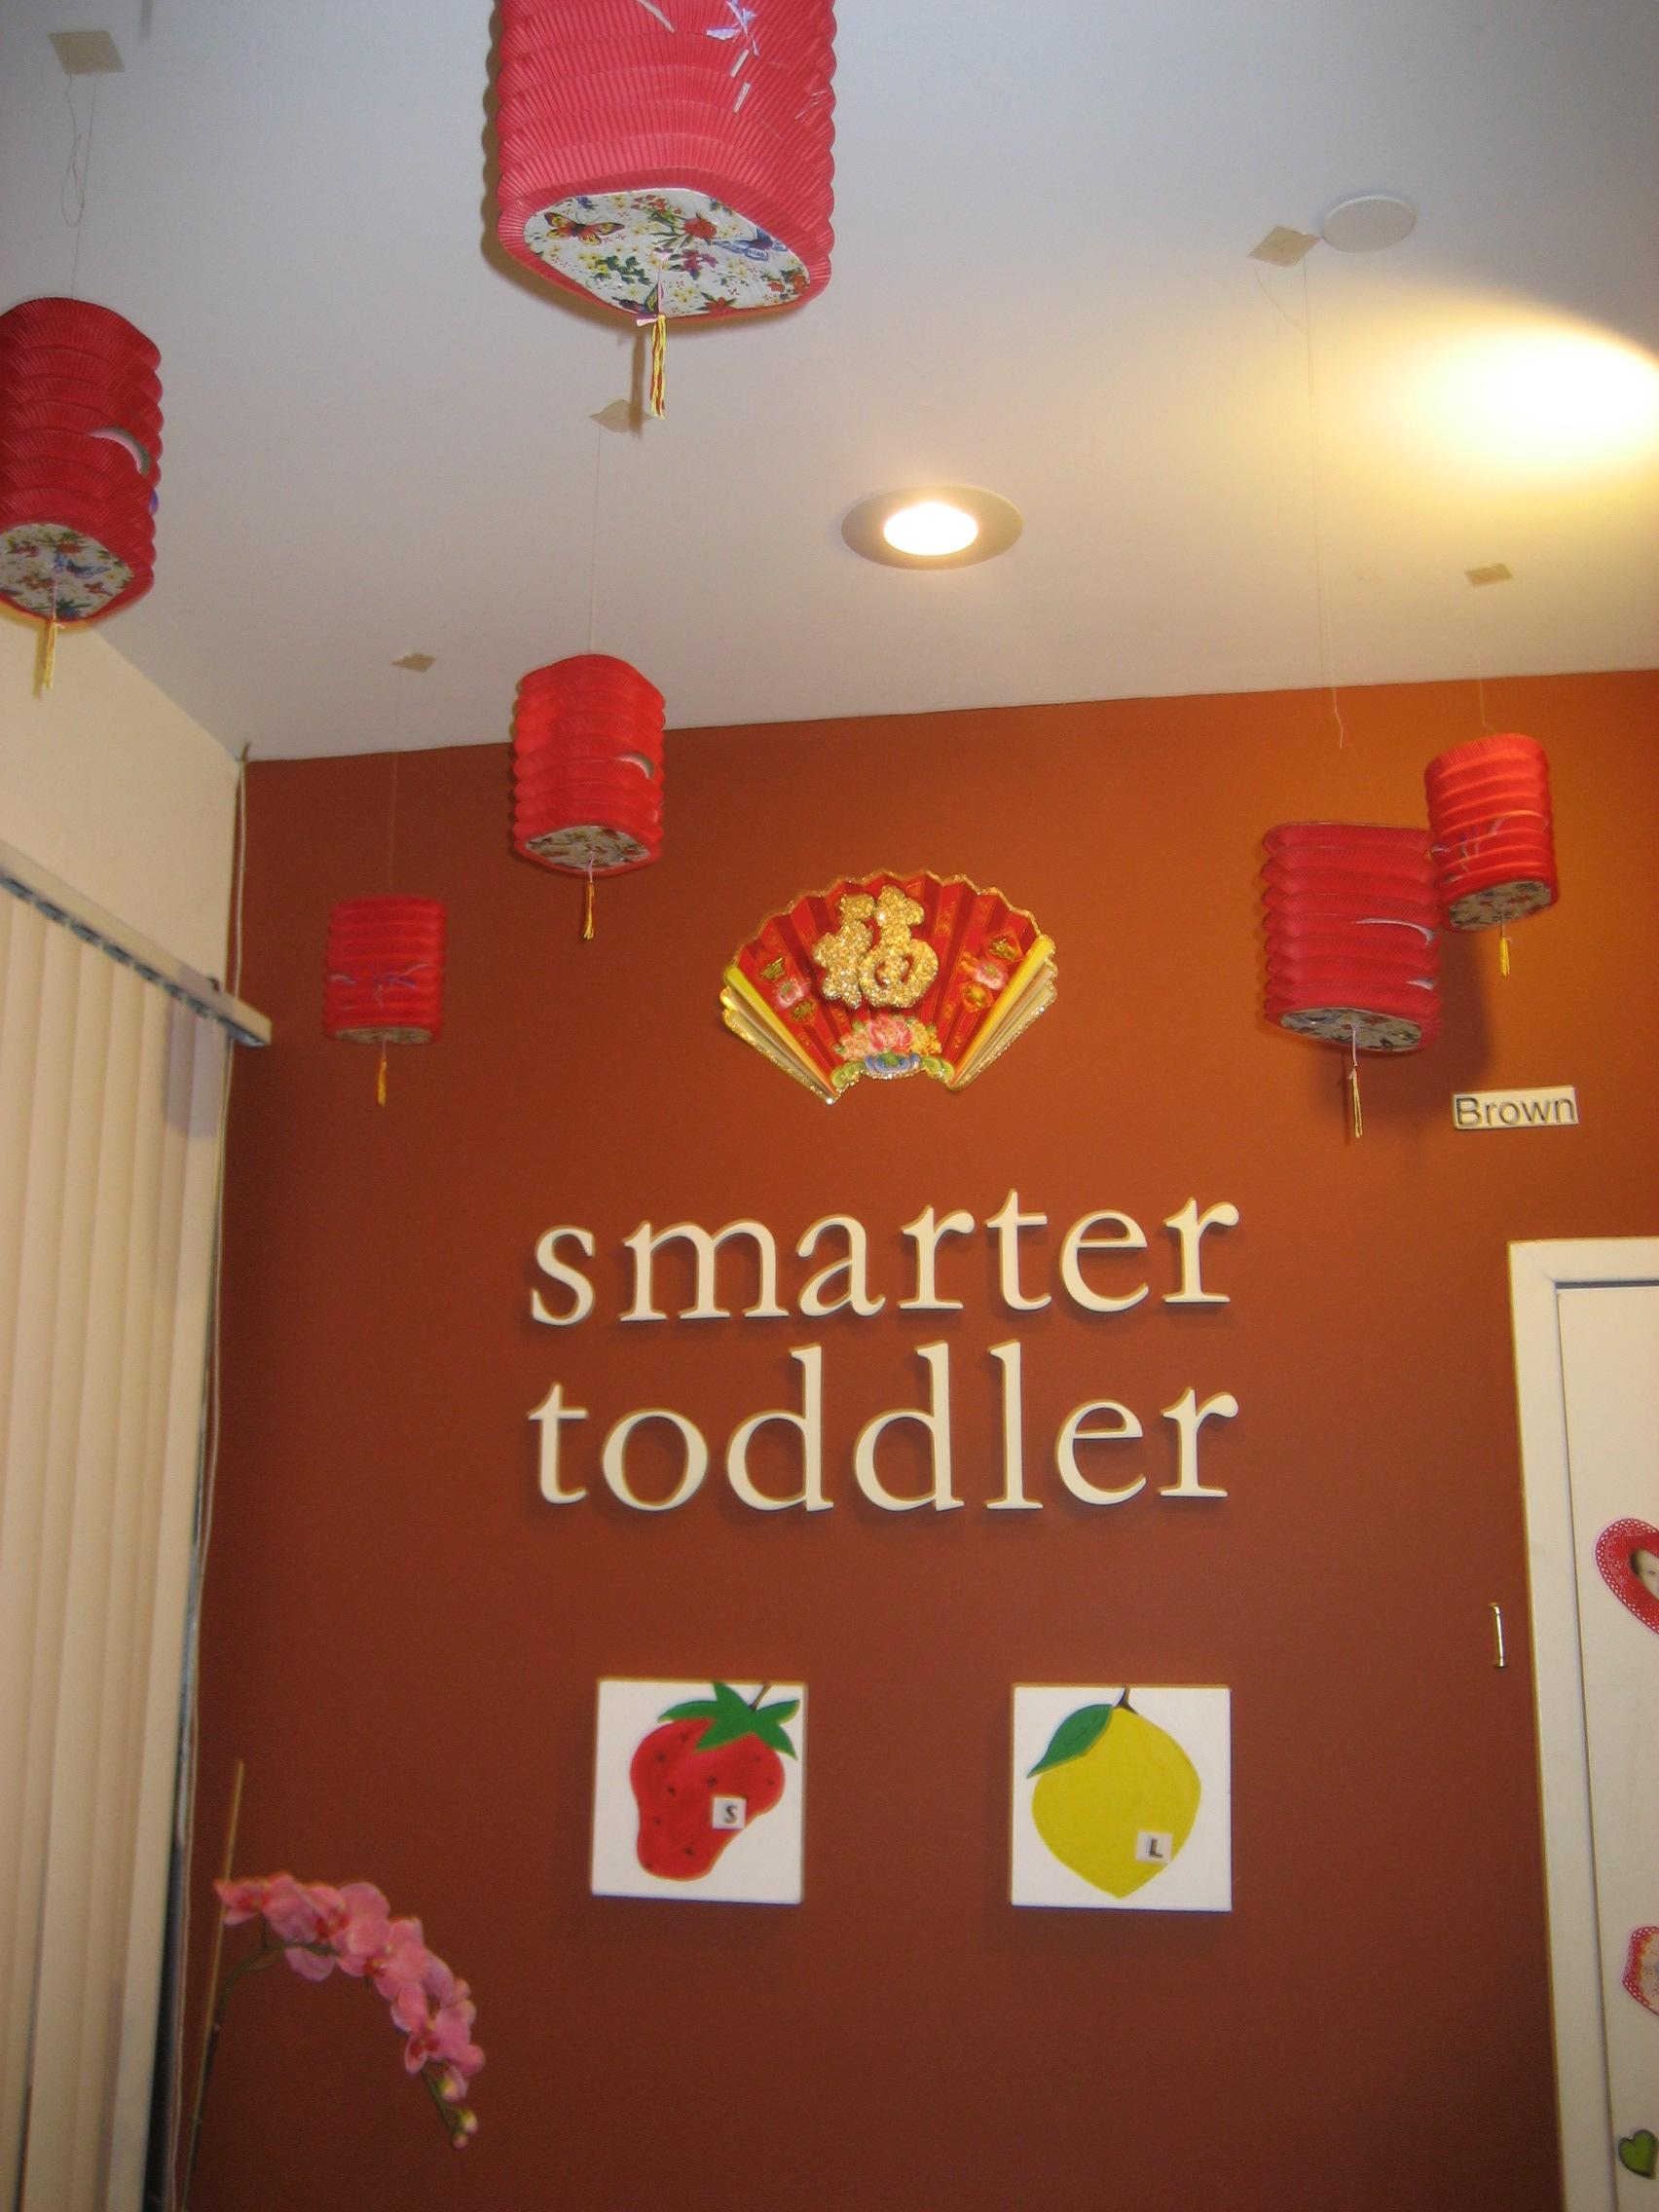 Smarter Toddler Daycare Centers Chooses Flickr.com to Host ...